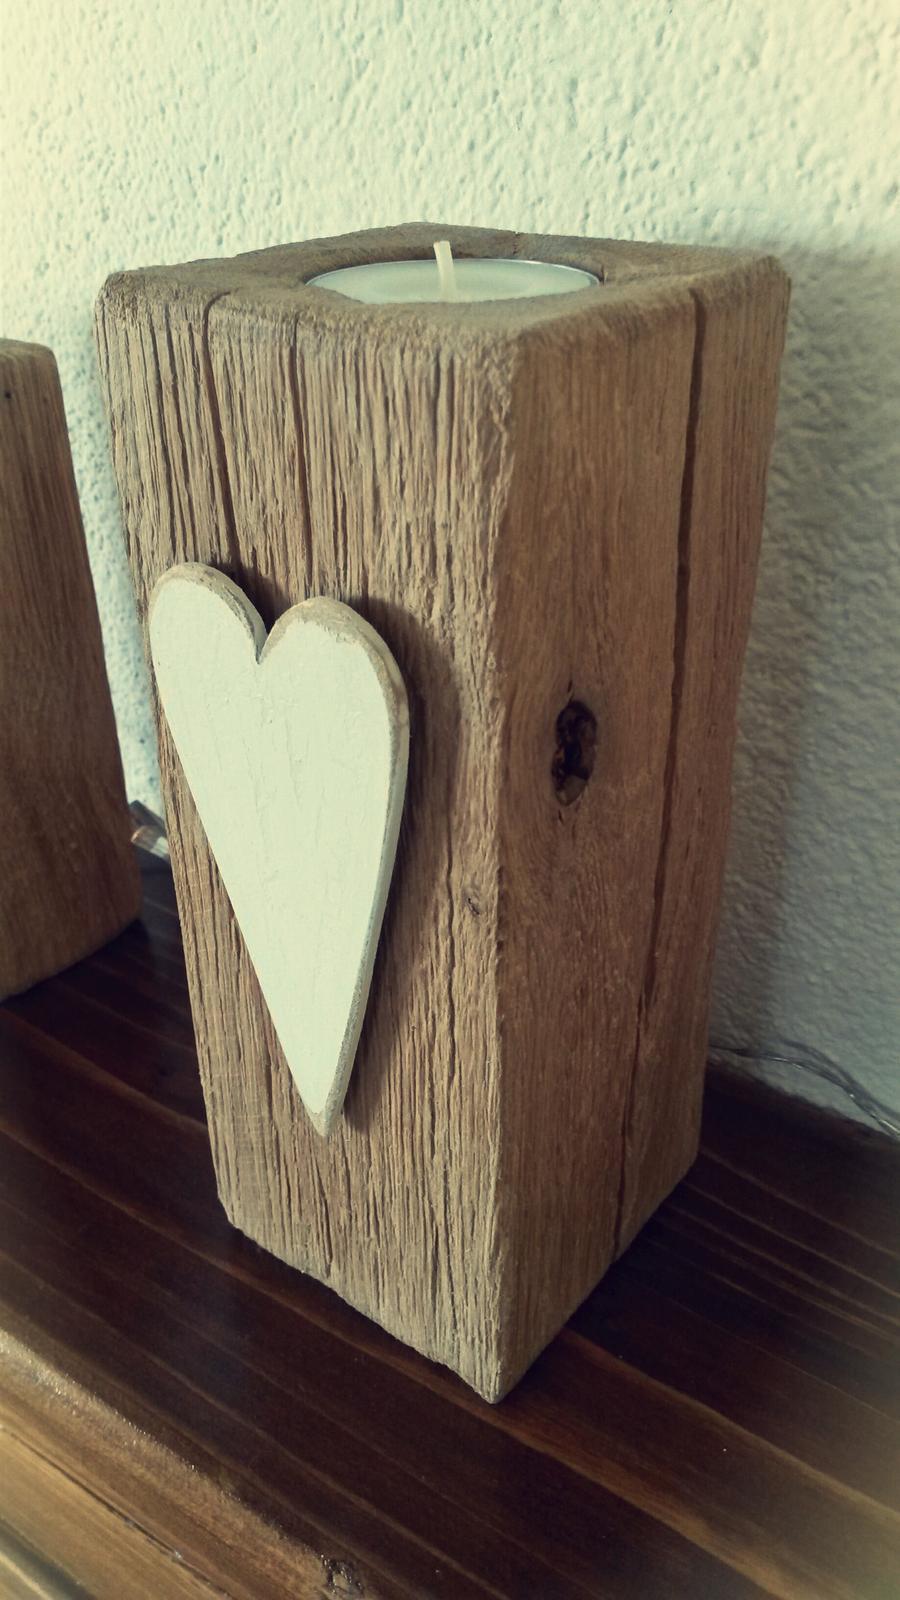 Drevene dekoracie... moja zaluba... - stary dub,vykartacovany